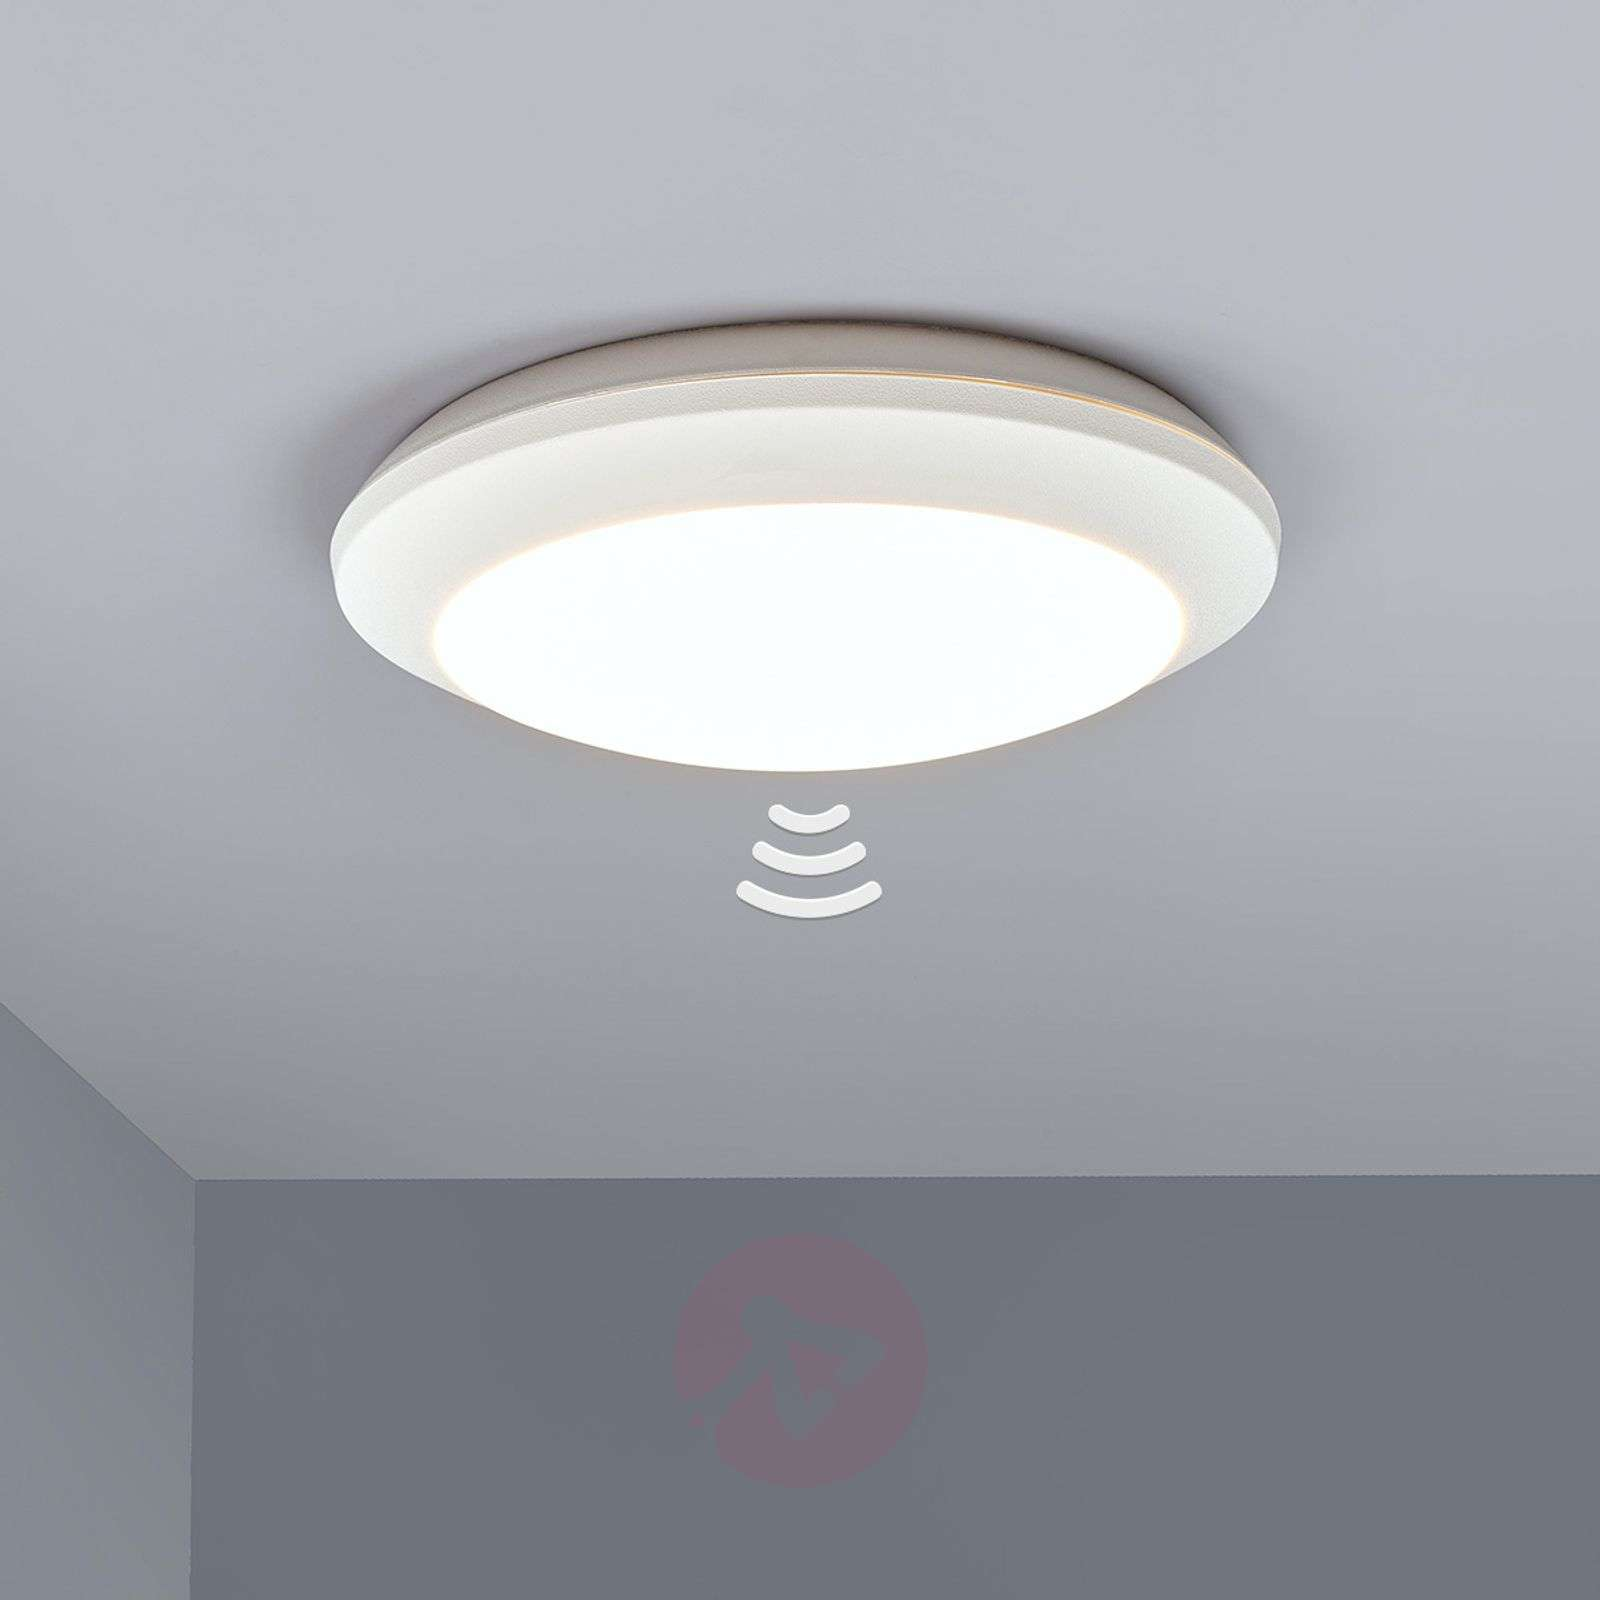 White sensor ceiling light Umberta 11W 3,000K-3538057-02